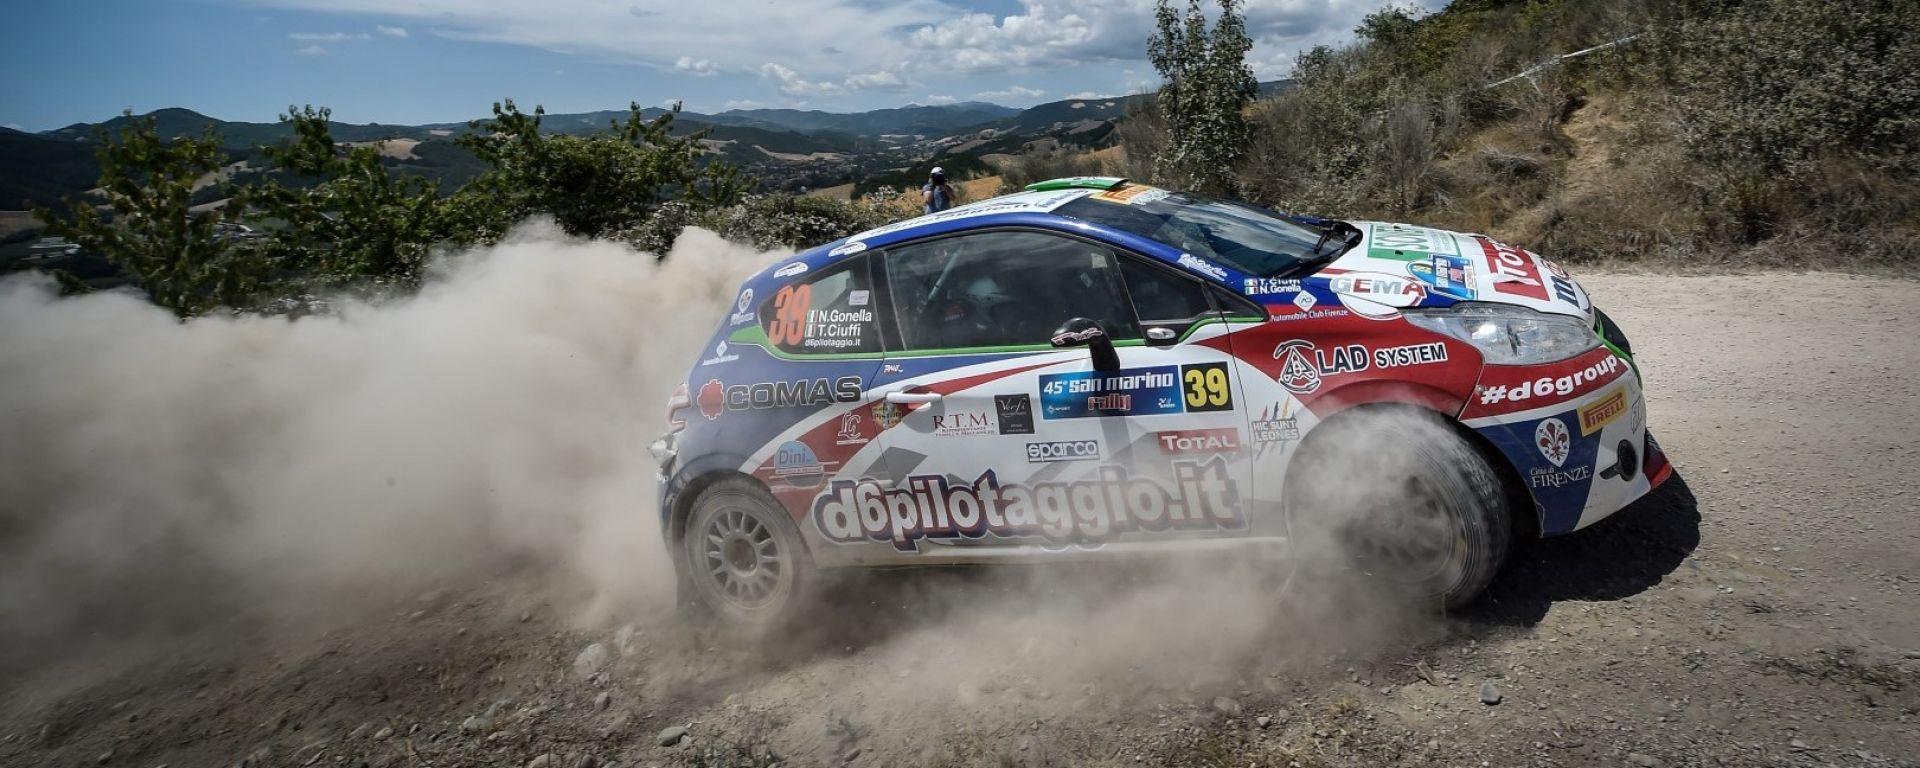 Peugeot Competition Top 208: al Rally San Marino la sfida si sposta sulla terra